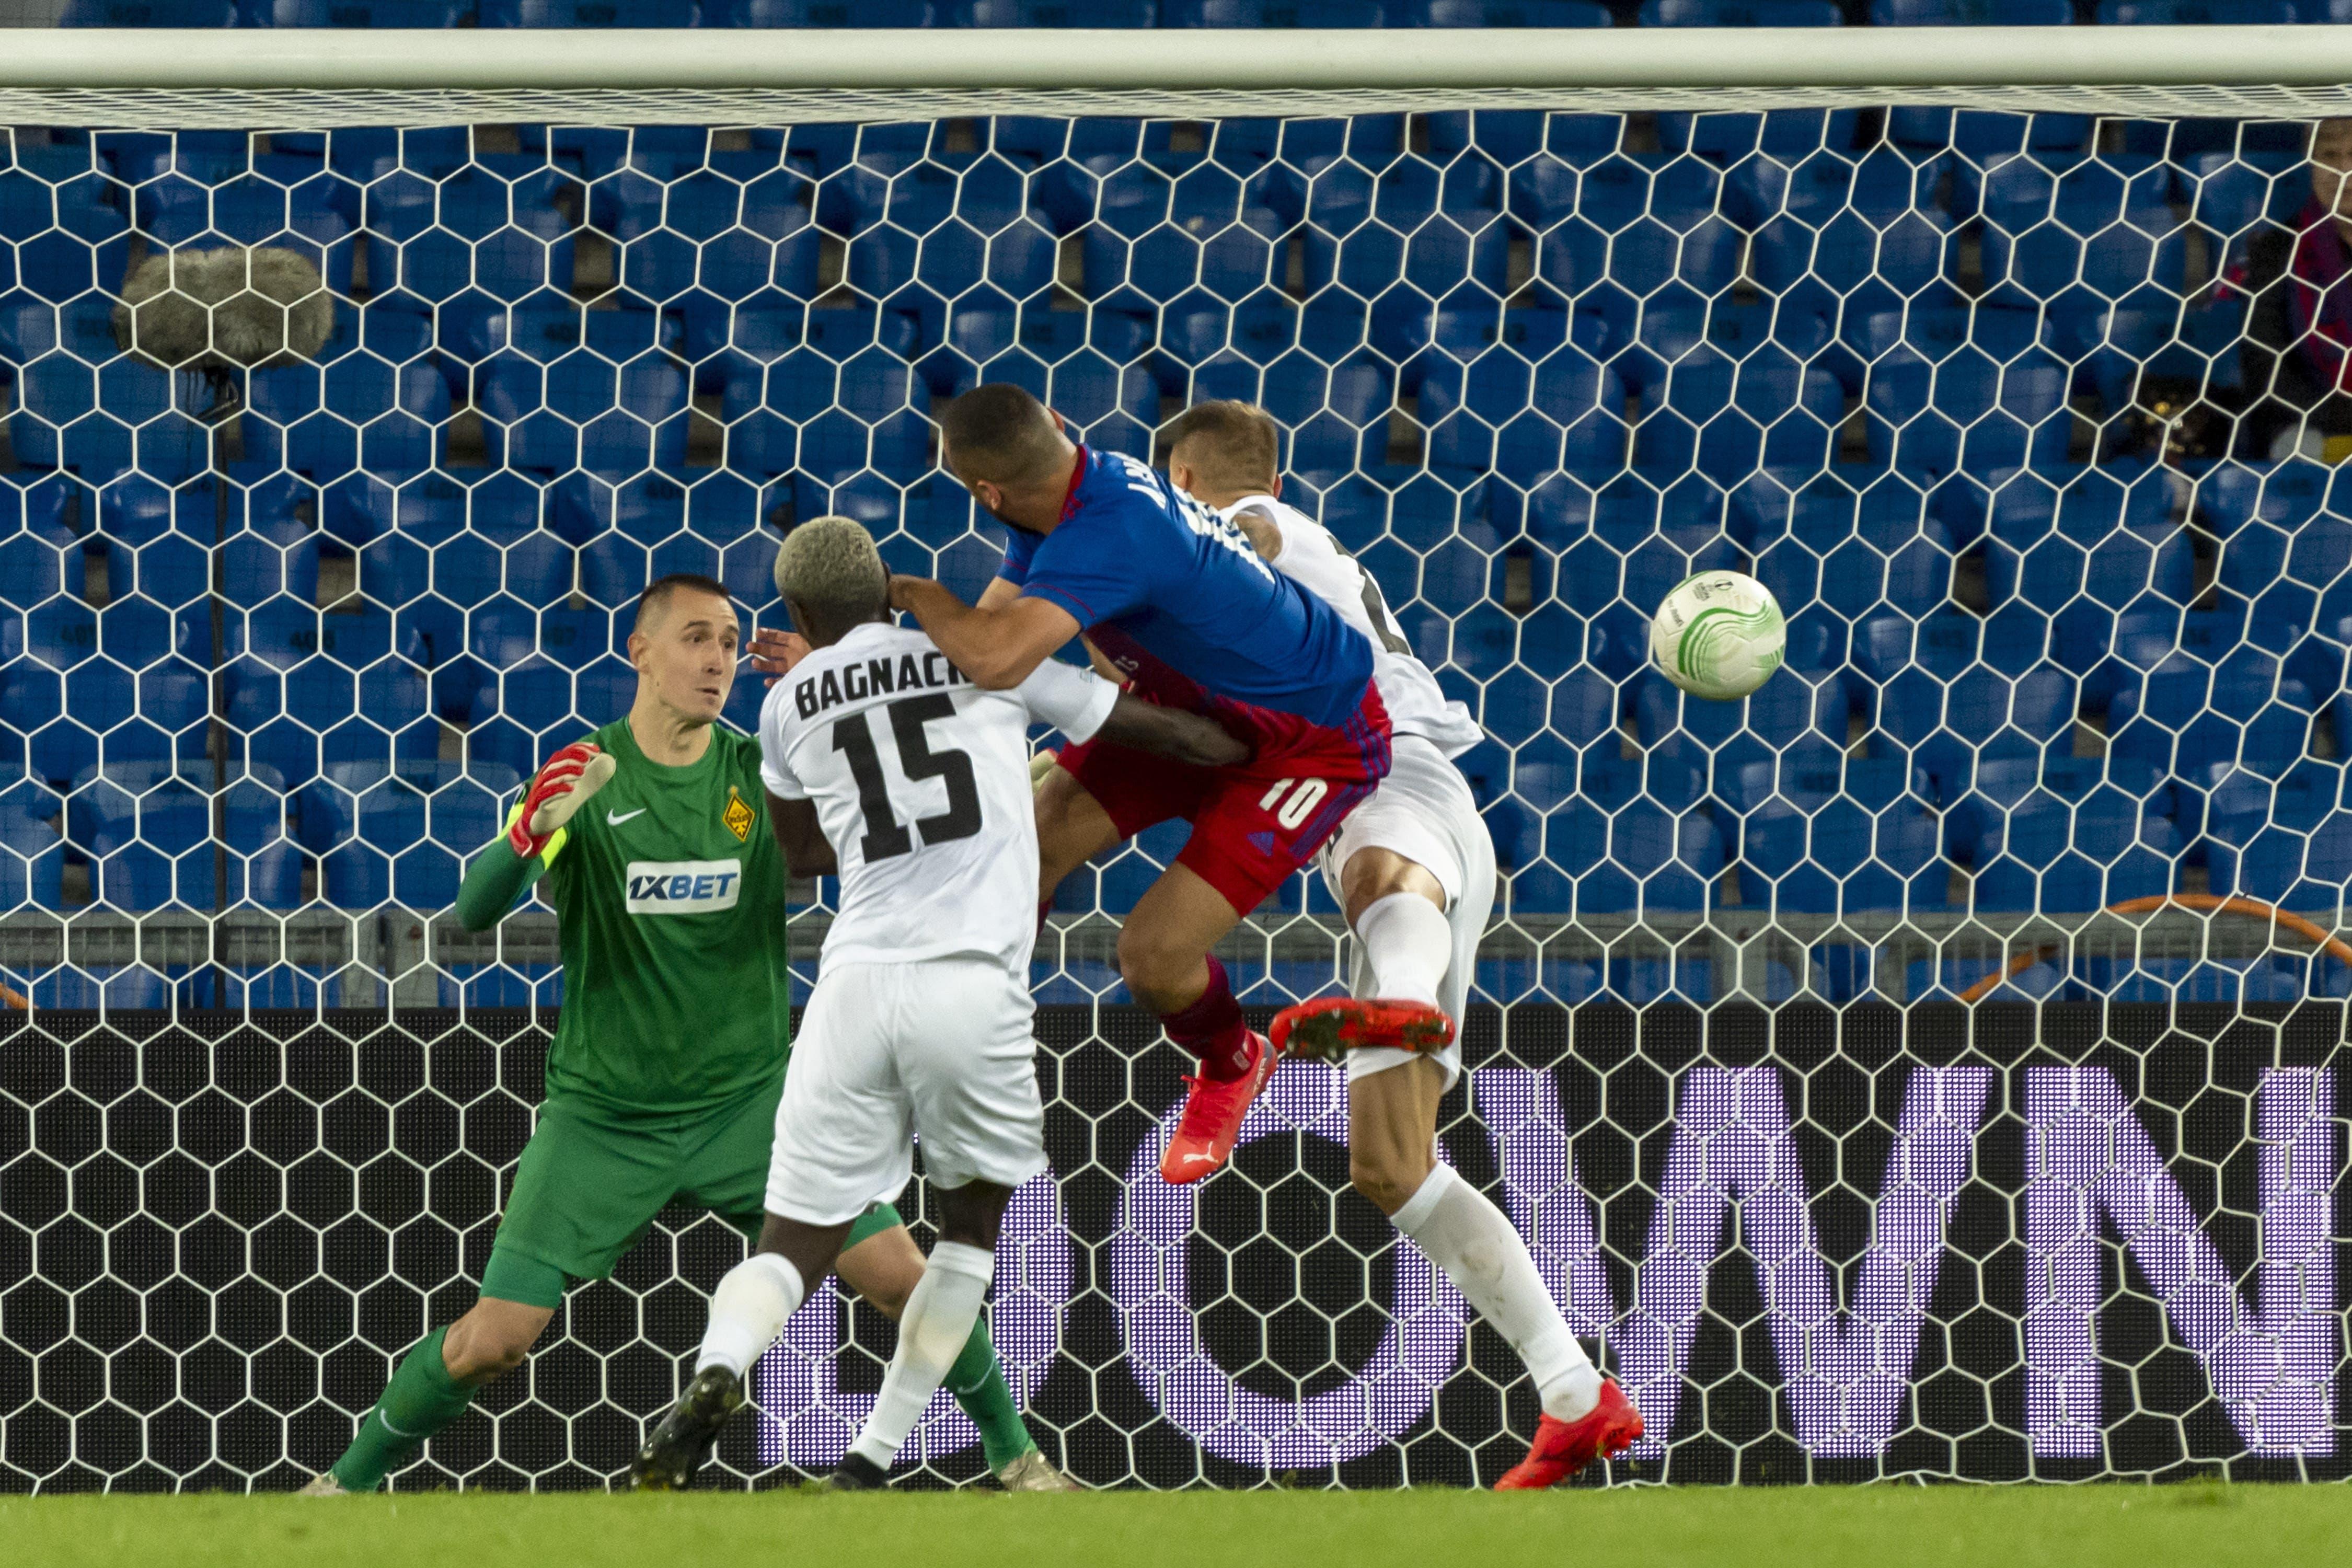 Arthur Cabral verwandelt einen Kopfball auch gegen zwei Gegenspieler zum 1:0.